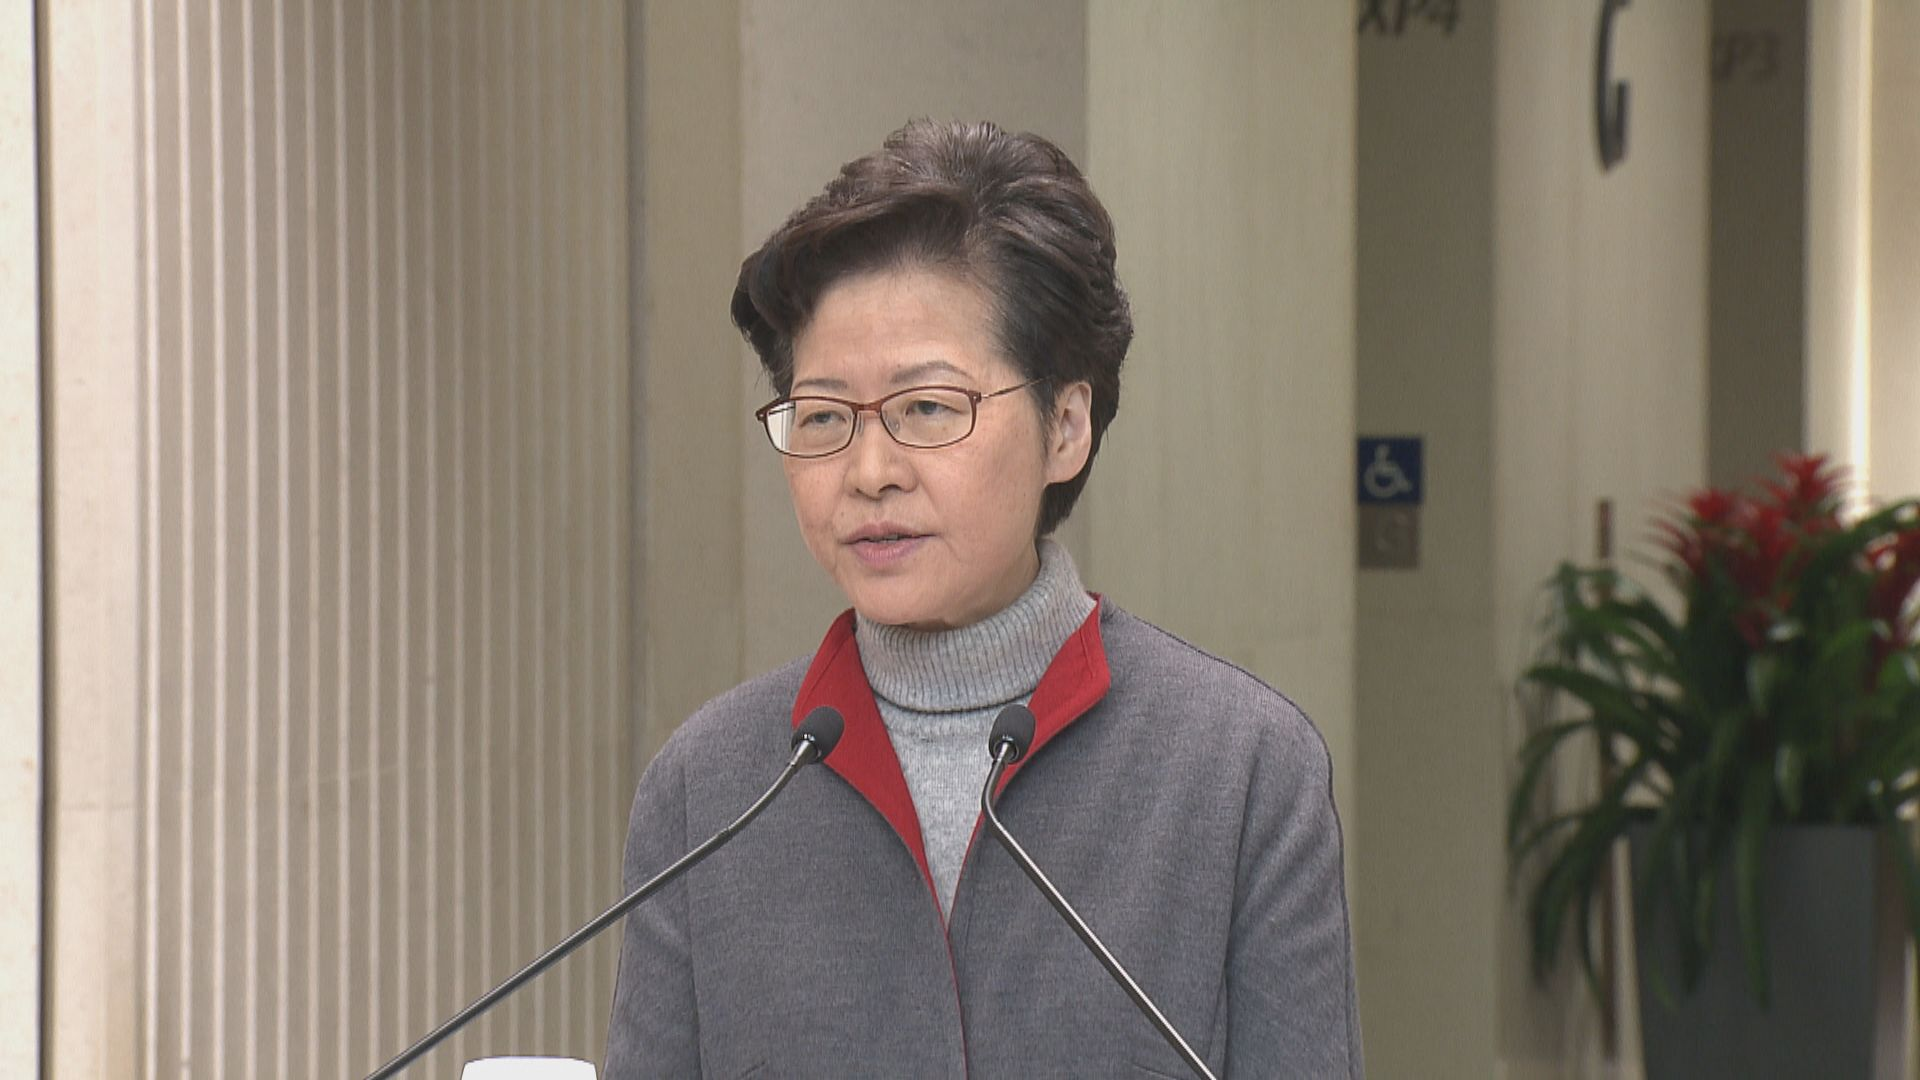 【最新】林鄭:十分感激司法機構研究加快審理反修例相關案件